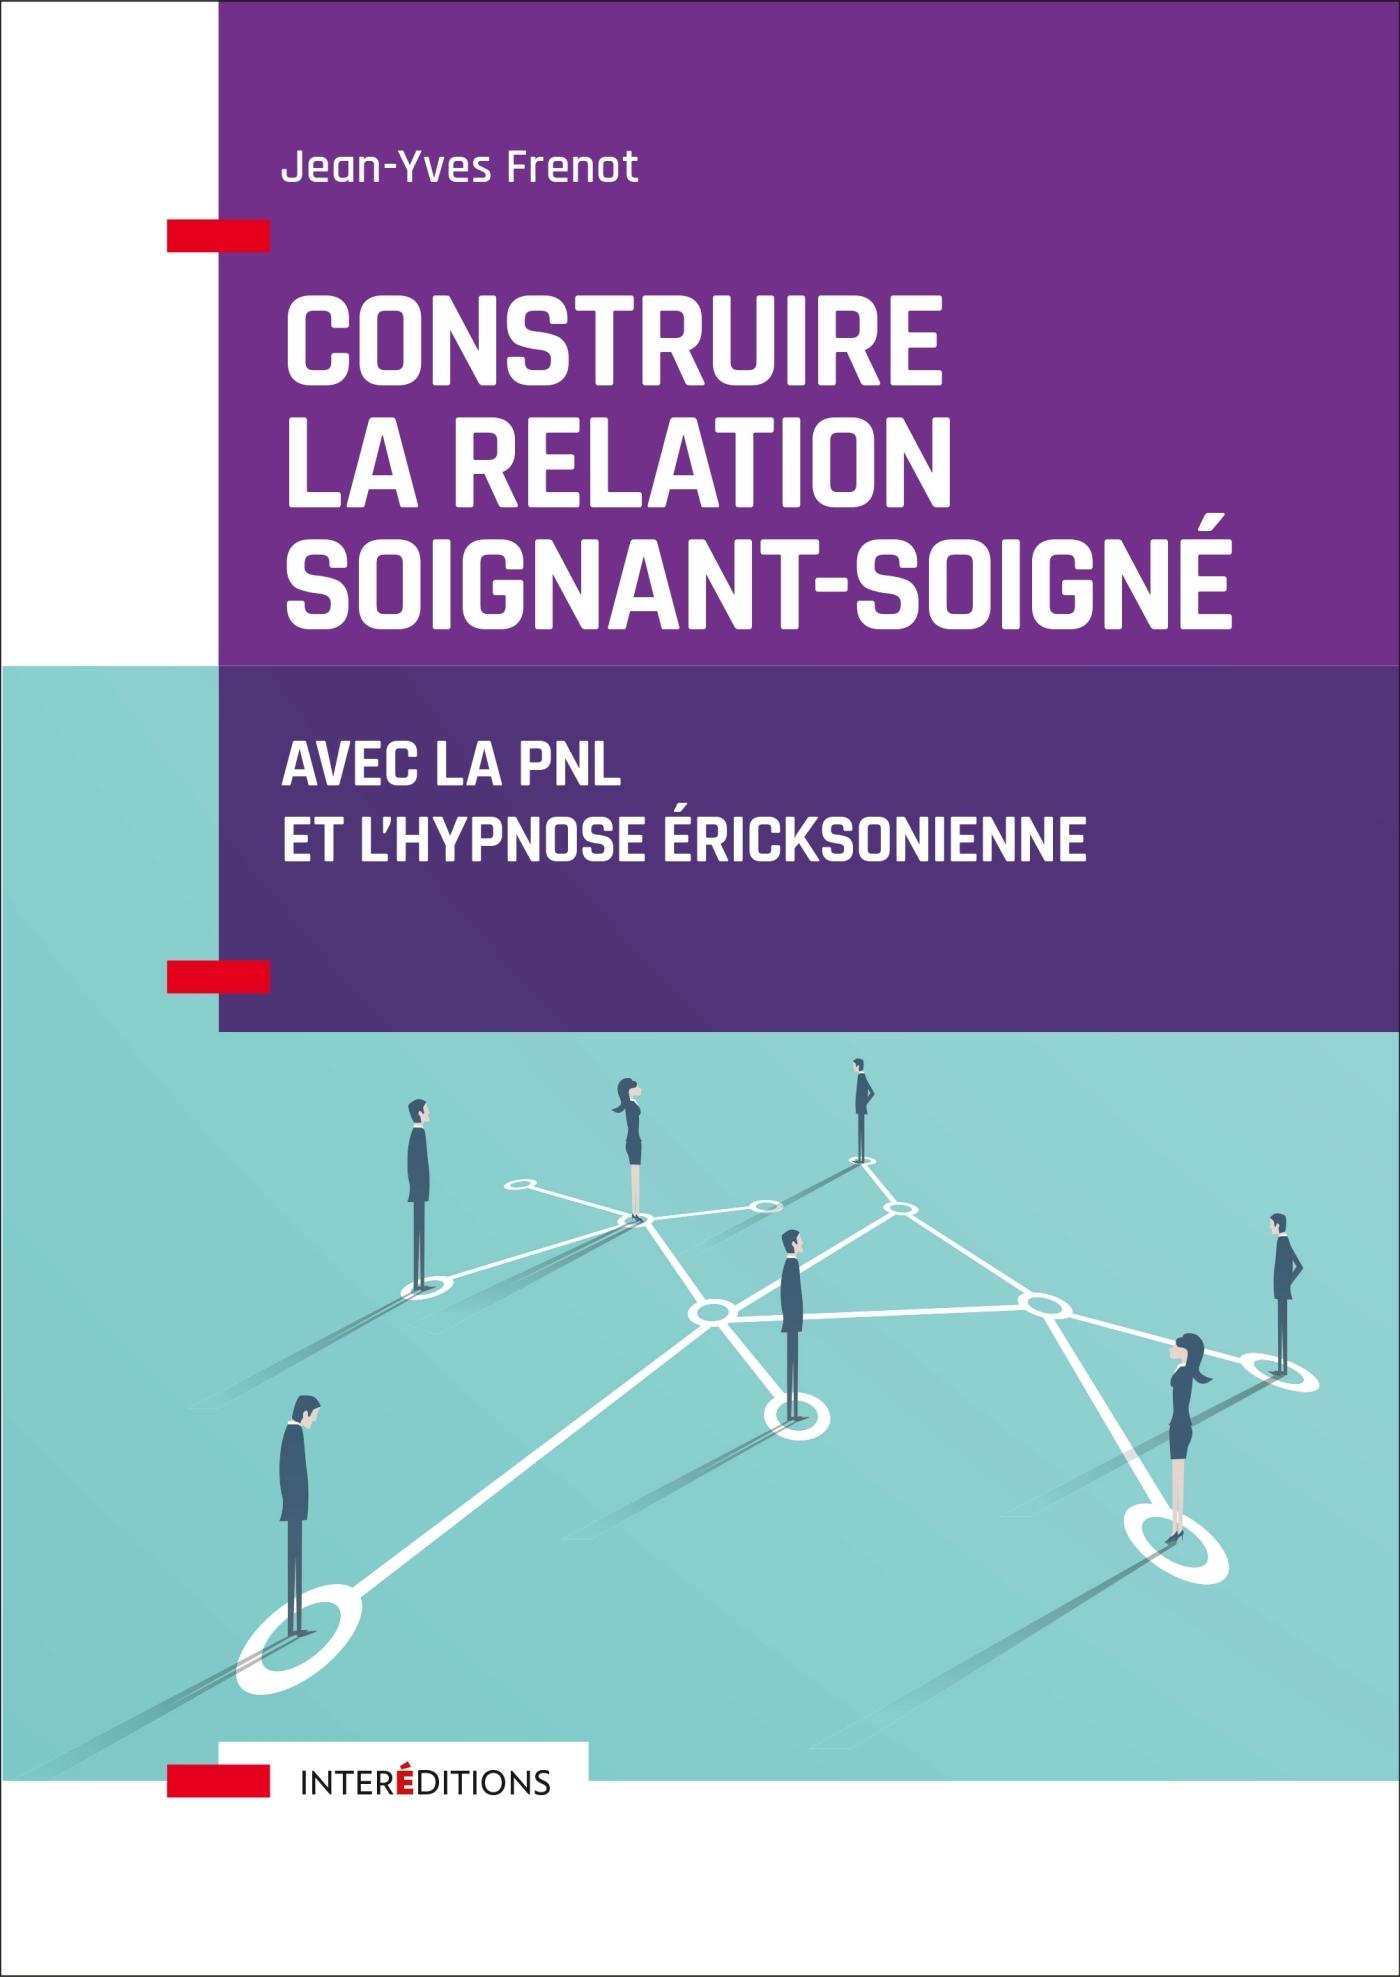 CONSTRUIRE LA RELATION SOIGNANT-SOIGNE - AVEC LA PNL ET L'HYPNOSE ERICKSONIENNE